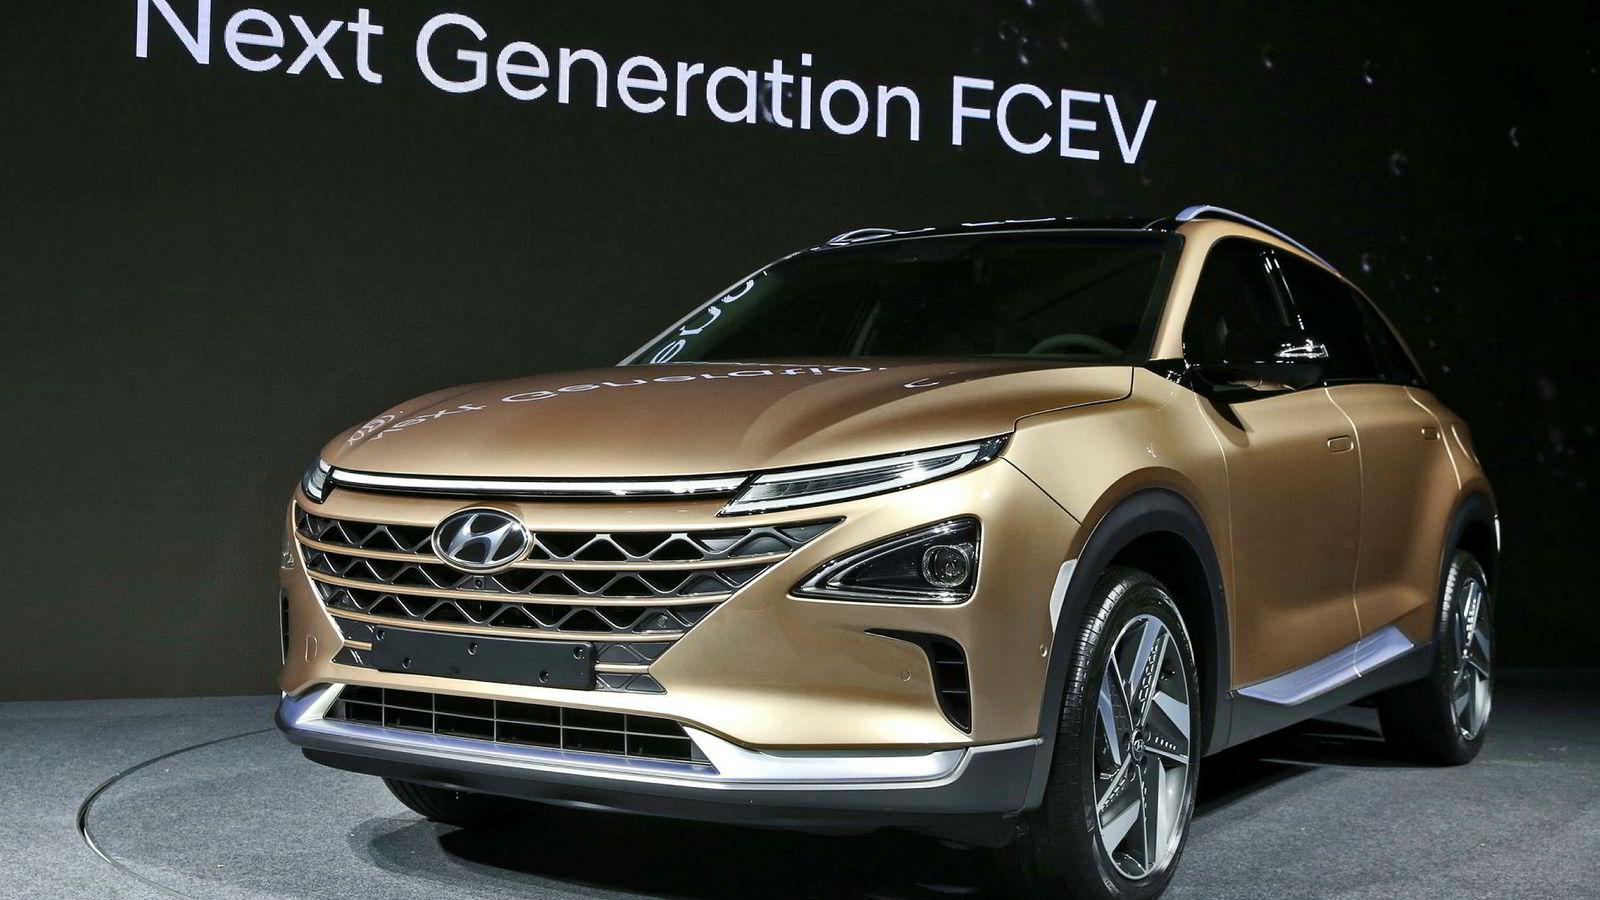 Neste generasjon fuel cell suv fra Hyundai.